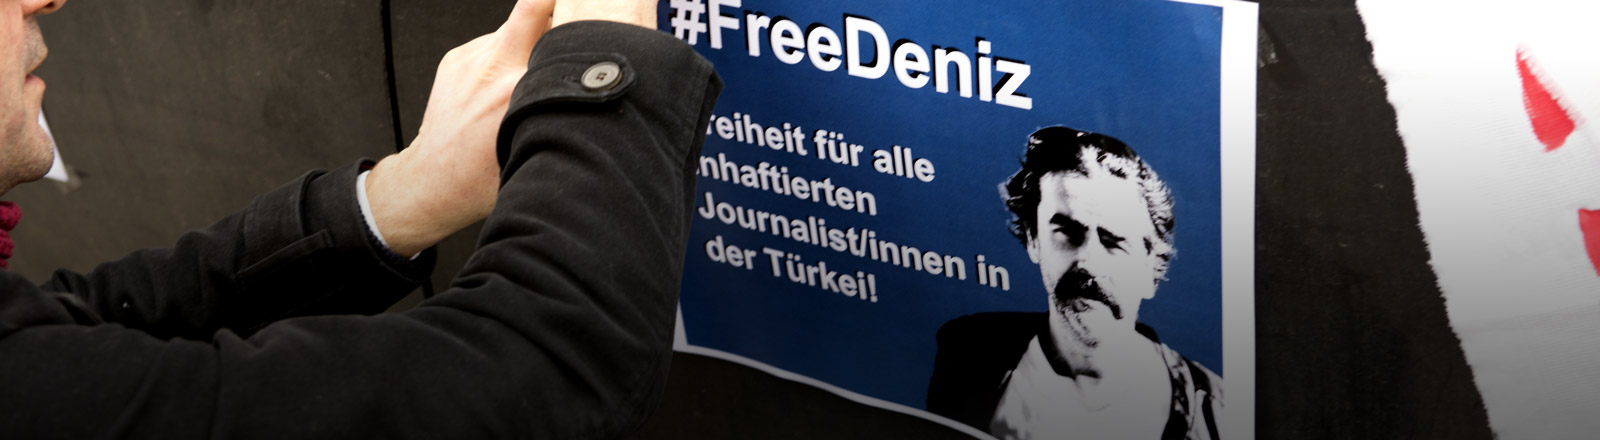 """Ein Auto-Aufkleber mit dem Aufdruck """"Free Deniz"""", der für die Freilassung des Journalisten Deniz Yücel demonstriert."""